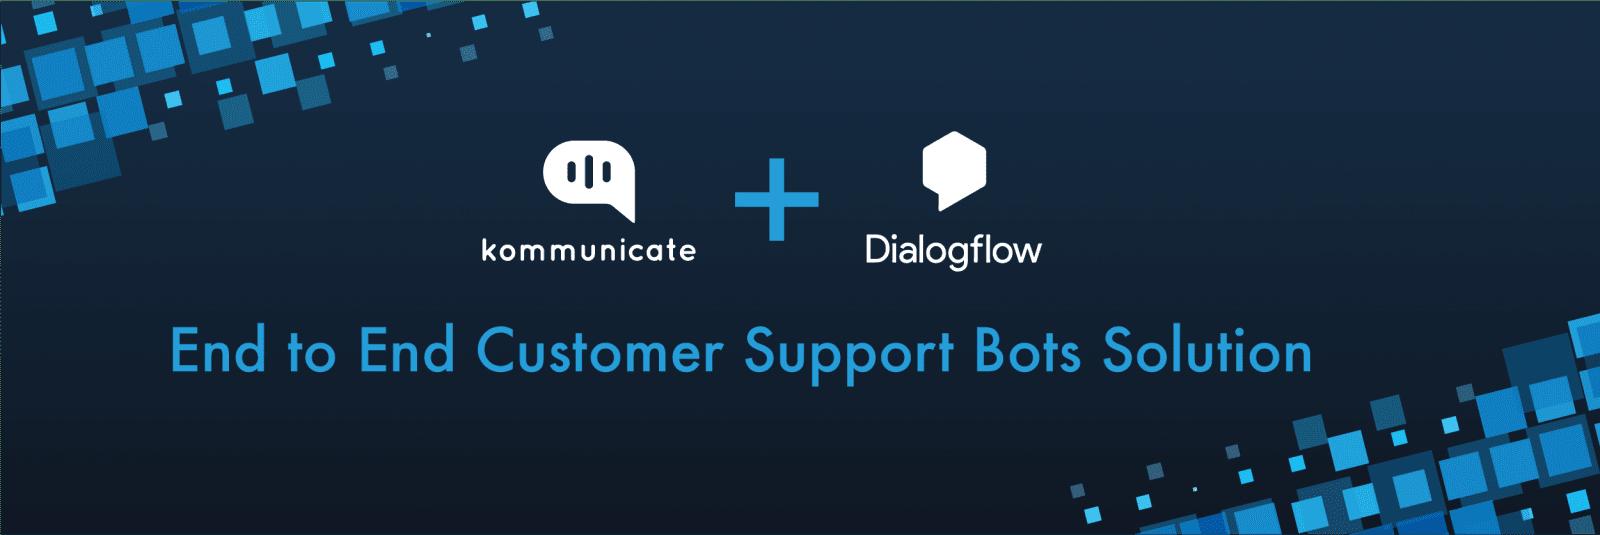 Chatbots for business - Dialogflow